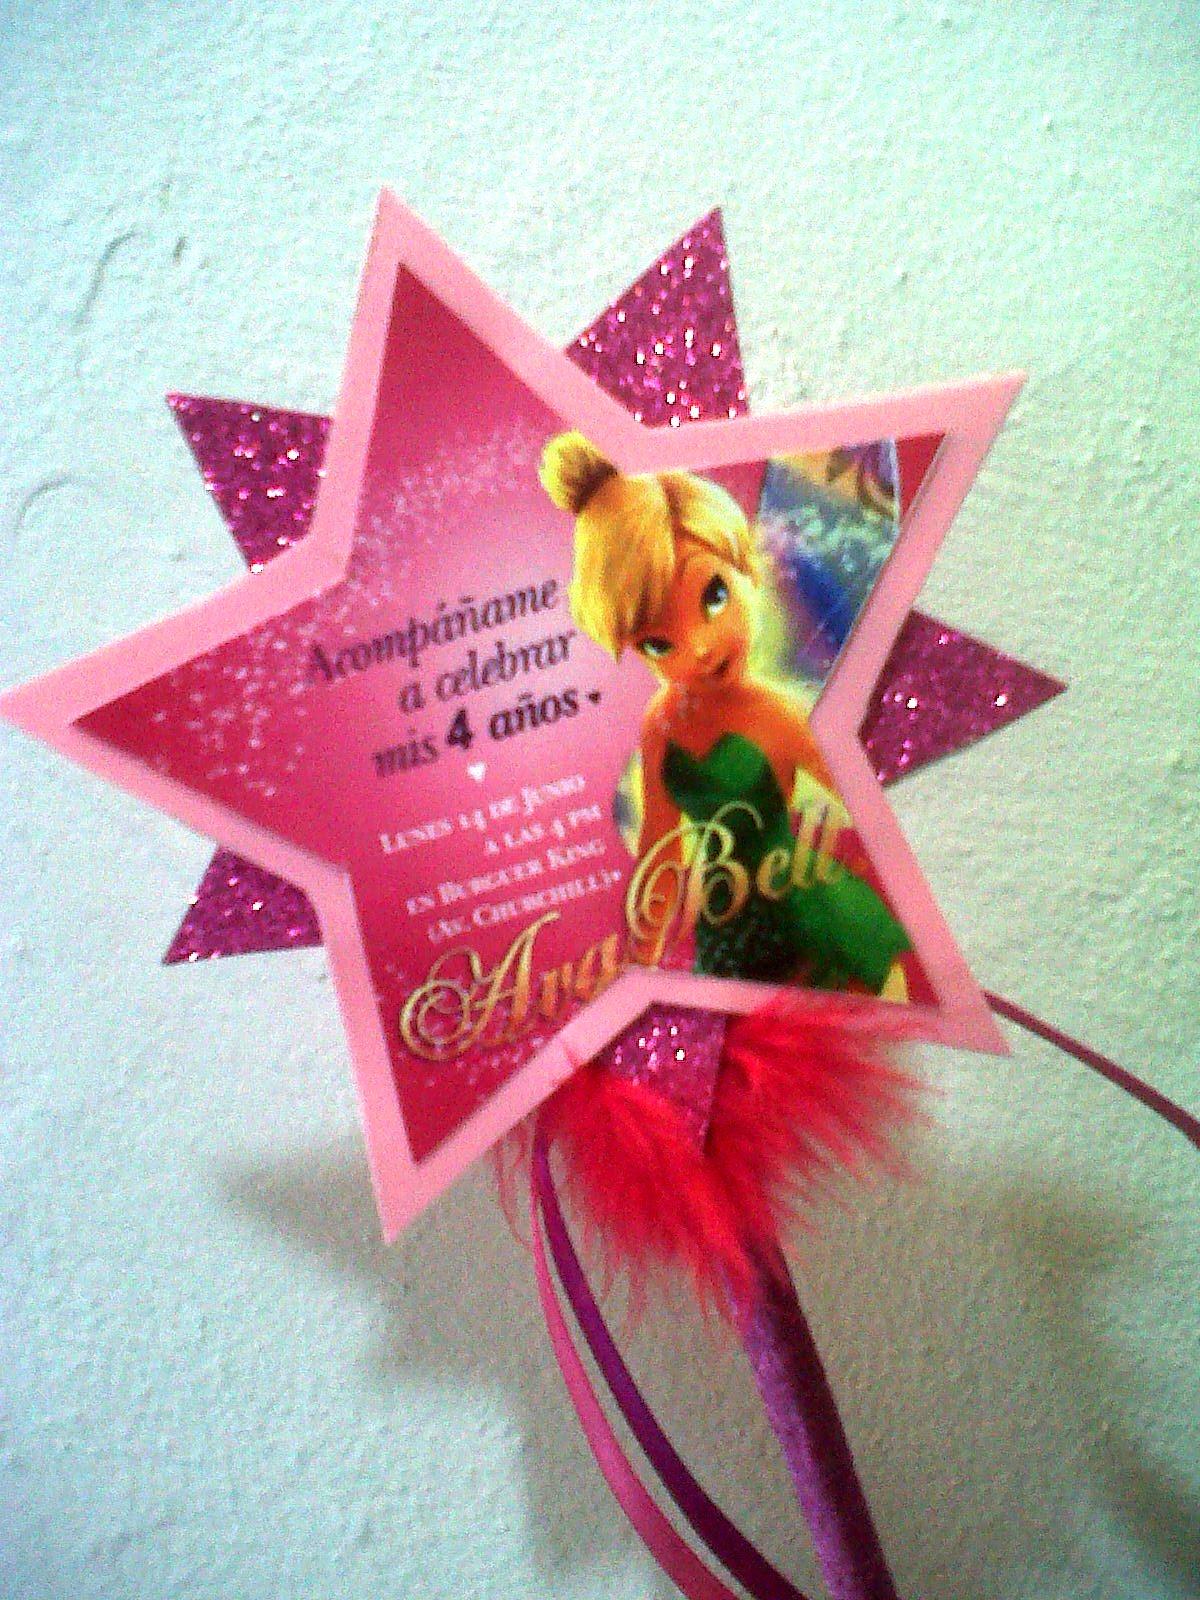 Events crafts birthday tinkerbell invitaciones - Invitacion para cumpleanos ...